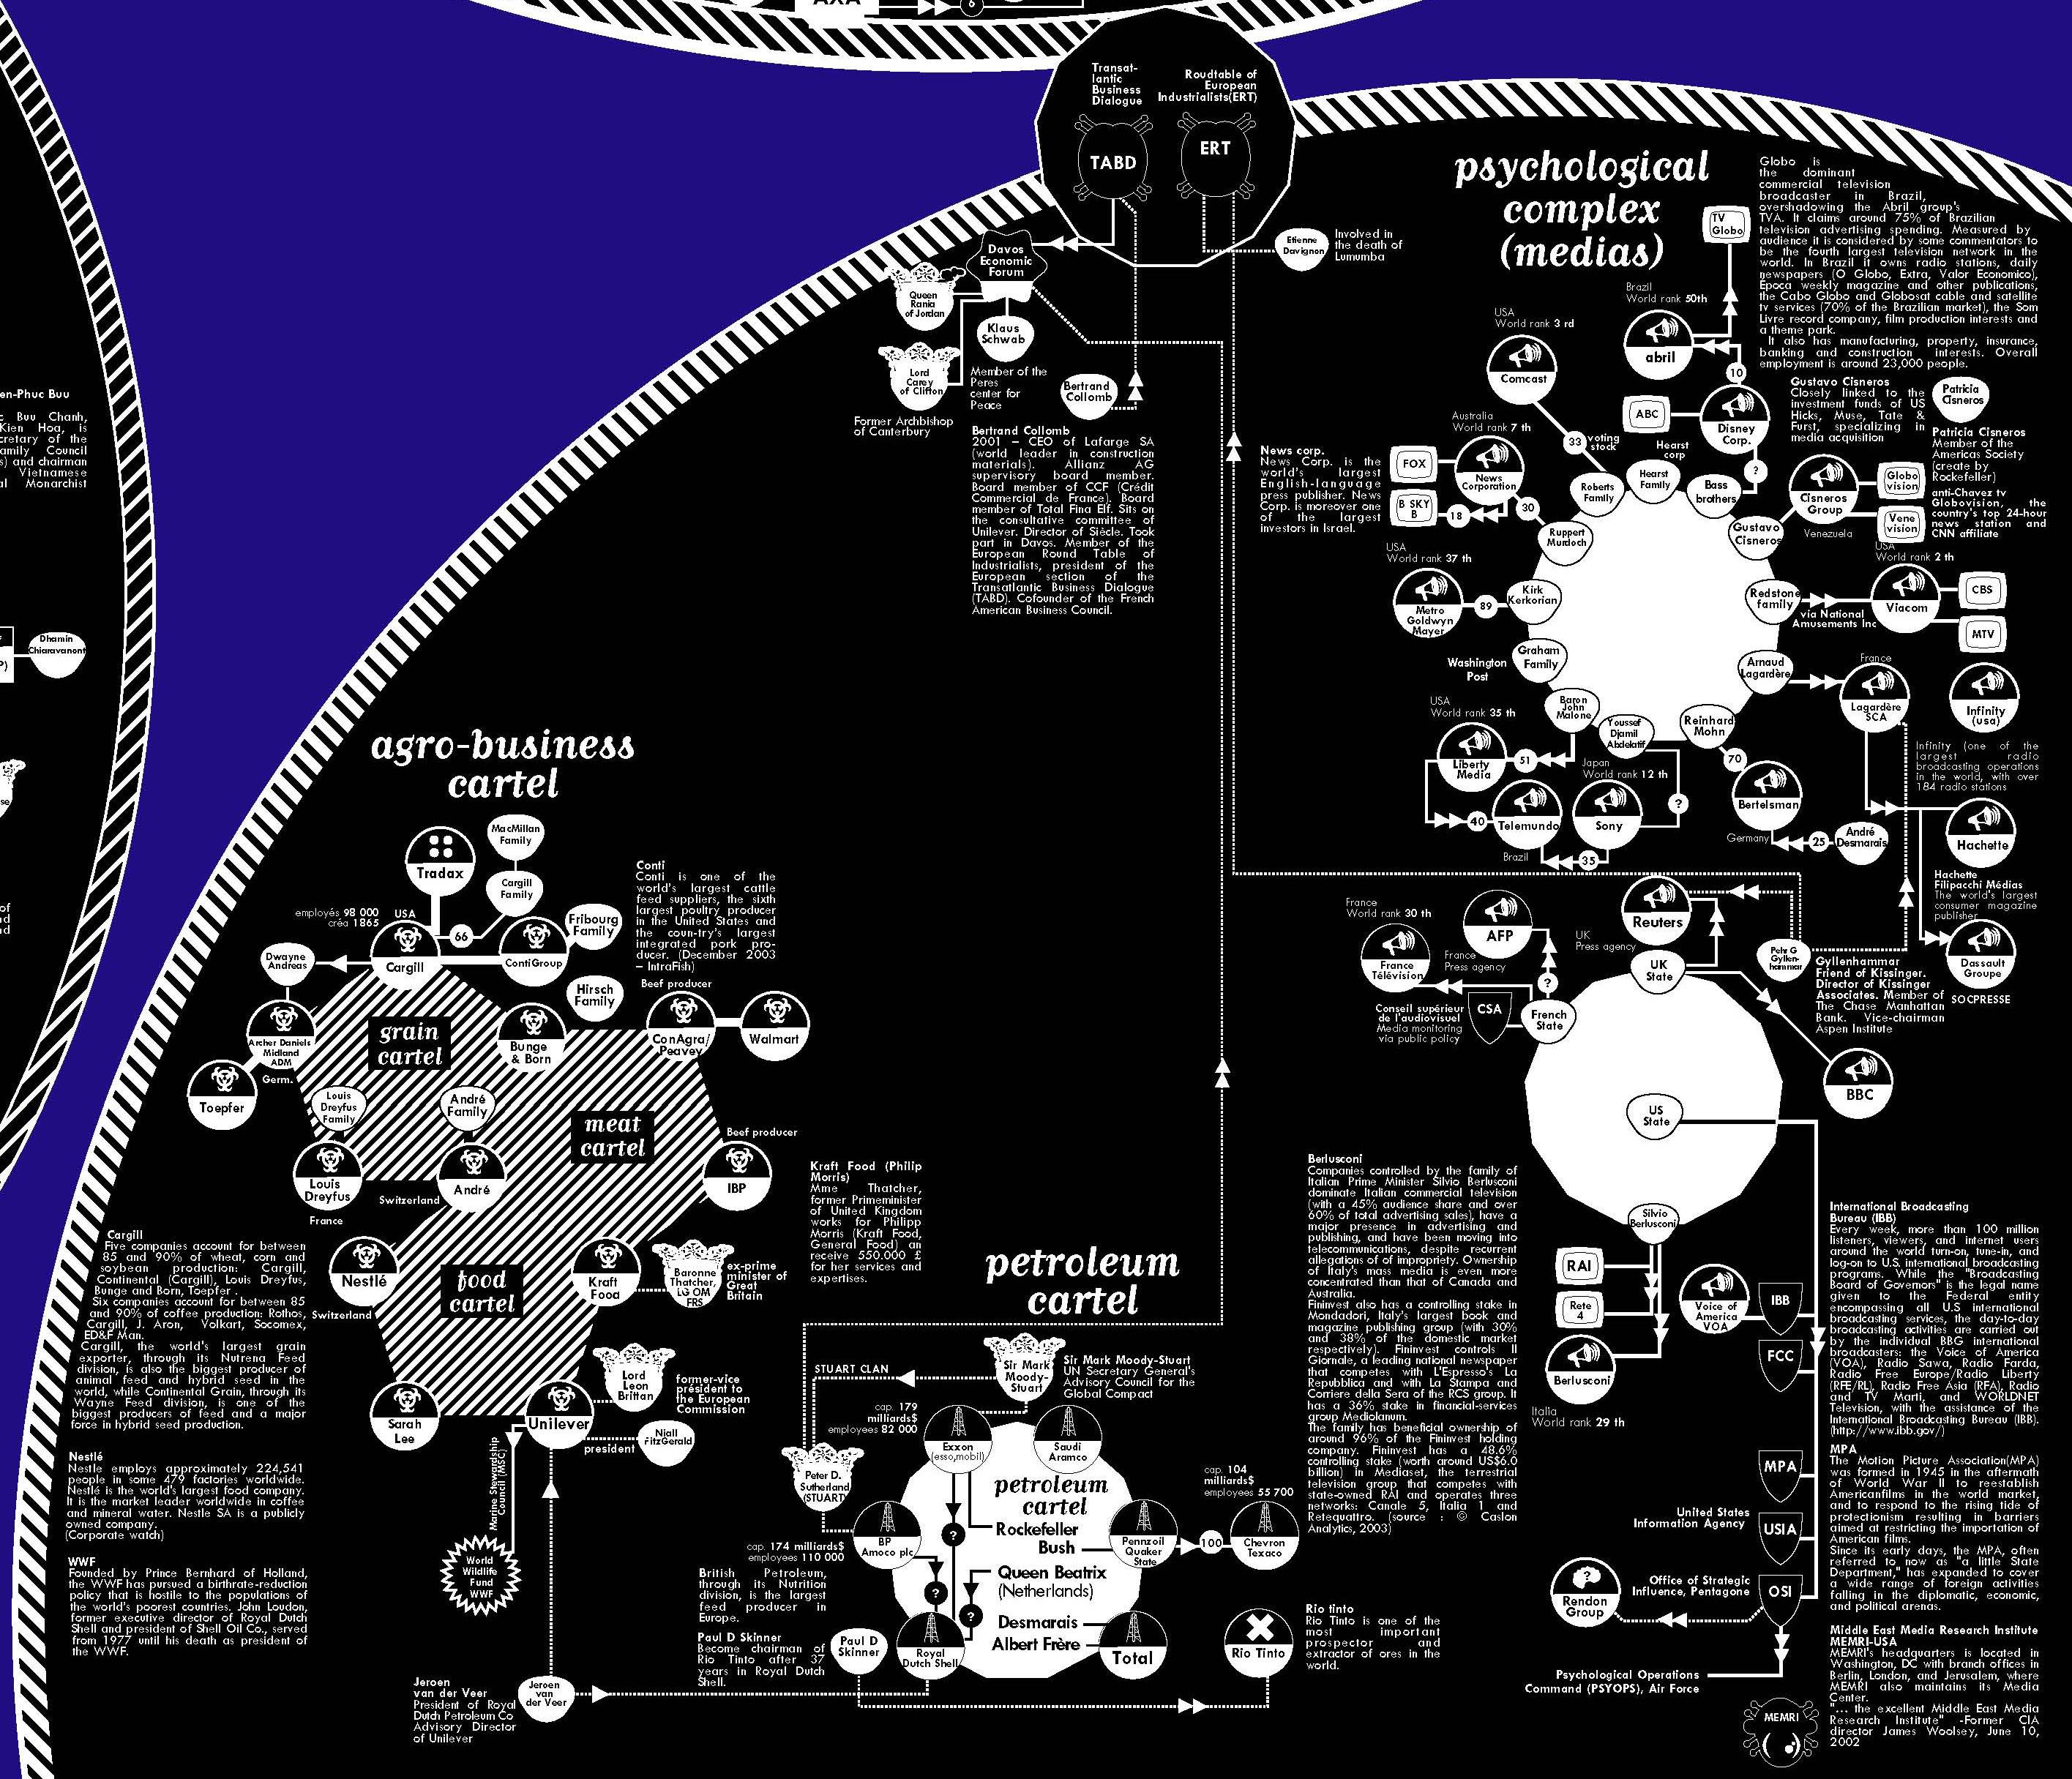 http://www.bibliotecapleyades.net/imagenes_sociopol/nwo65_05.jpg